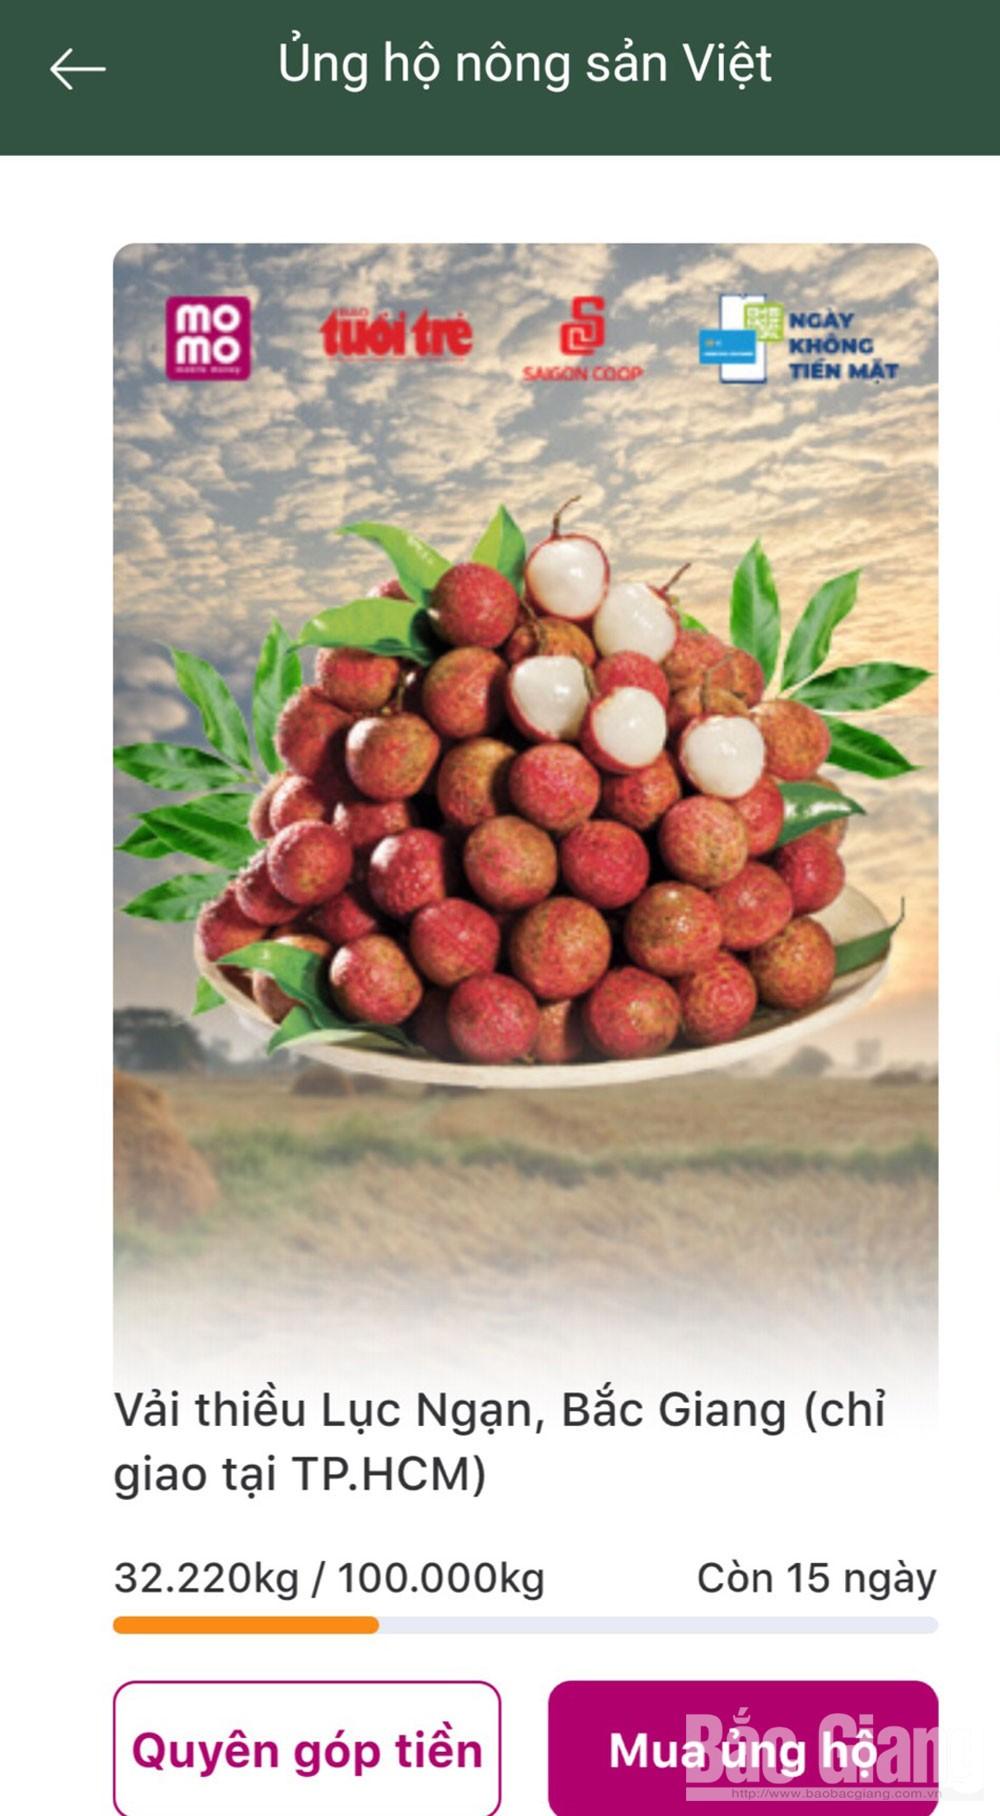 Siêu thị Co.op Mart Bắc Giang bán vải thiều Lục Ngạn trên hệ thống online.